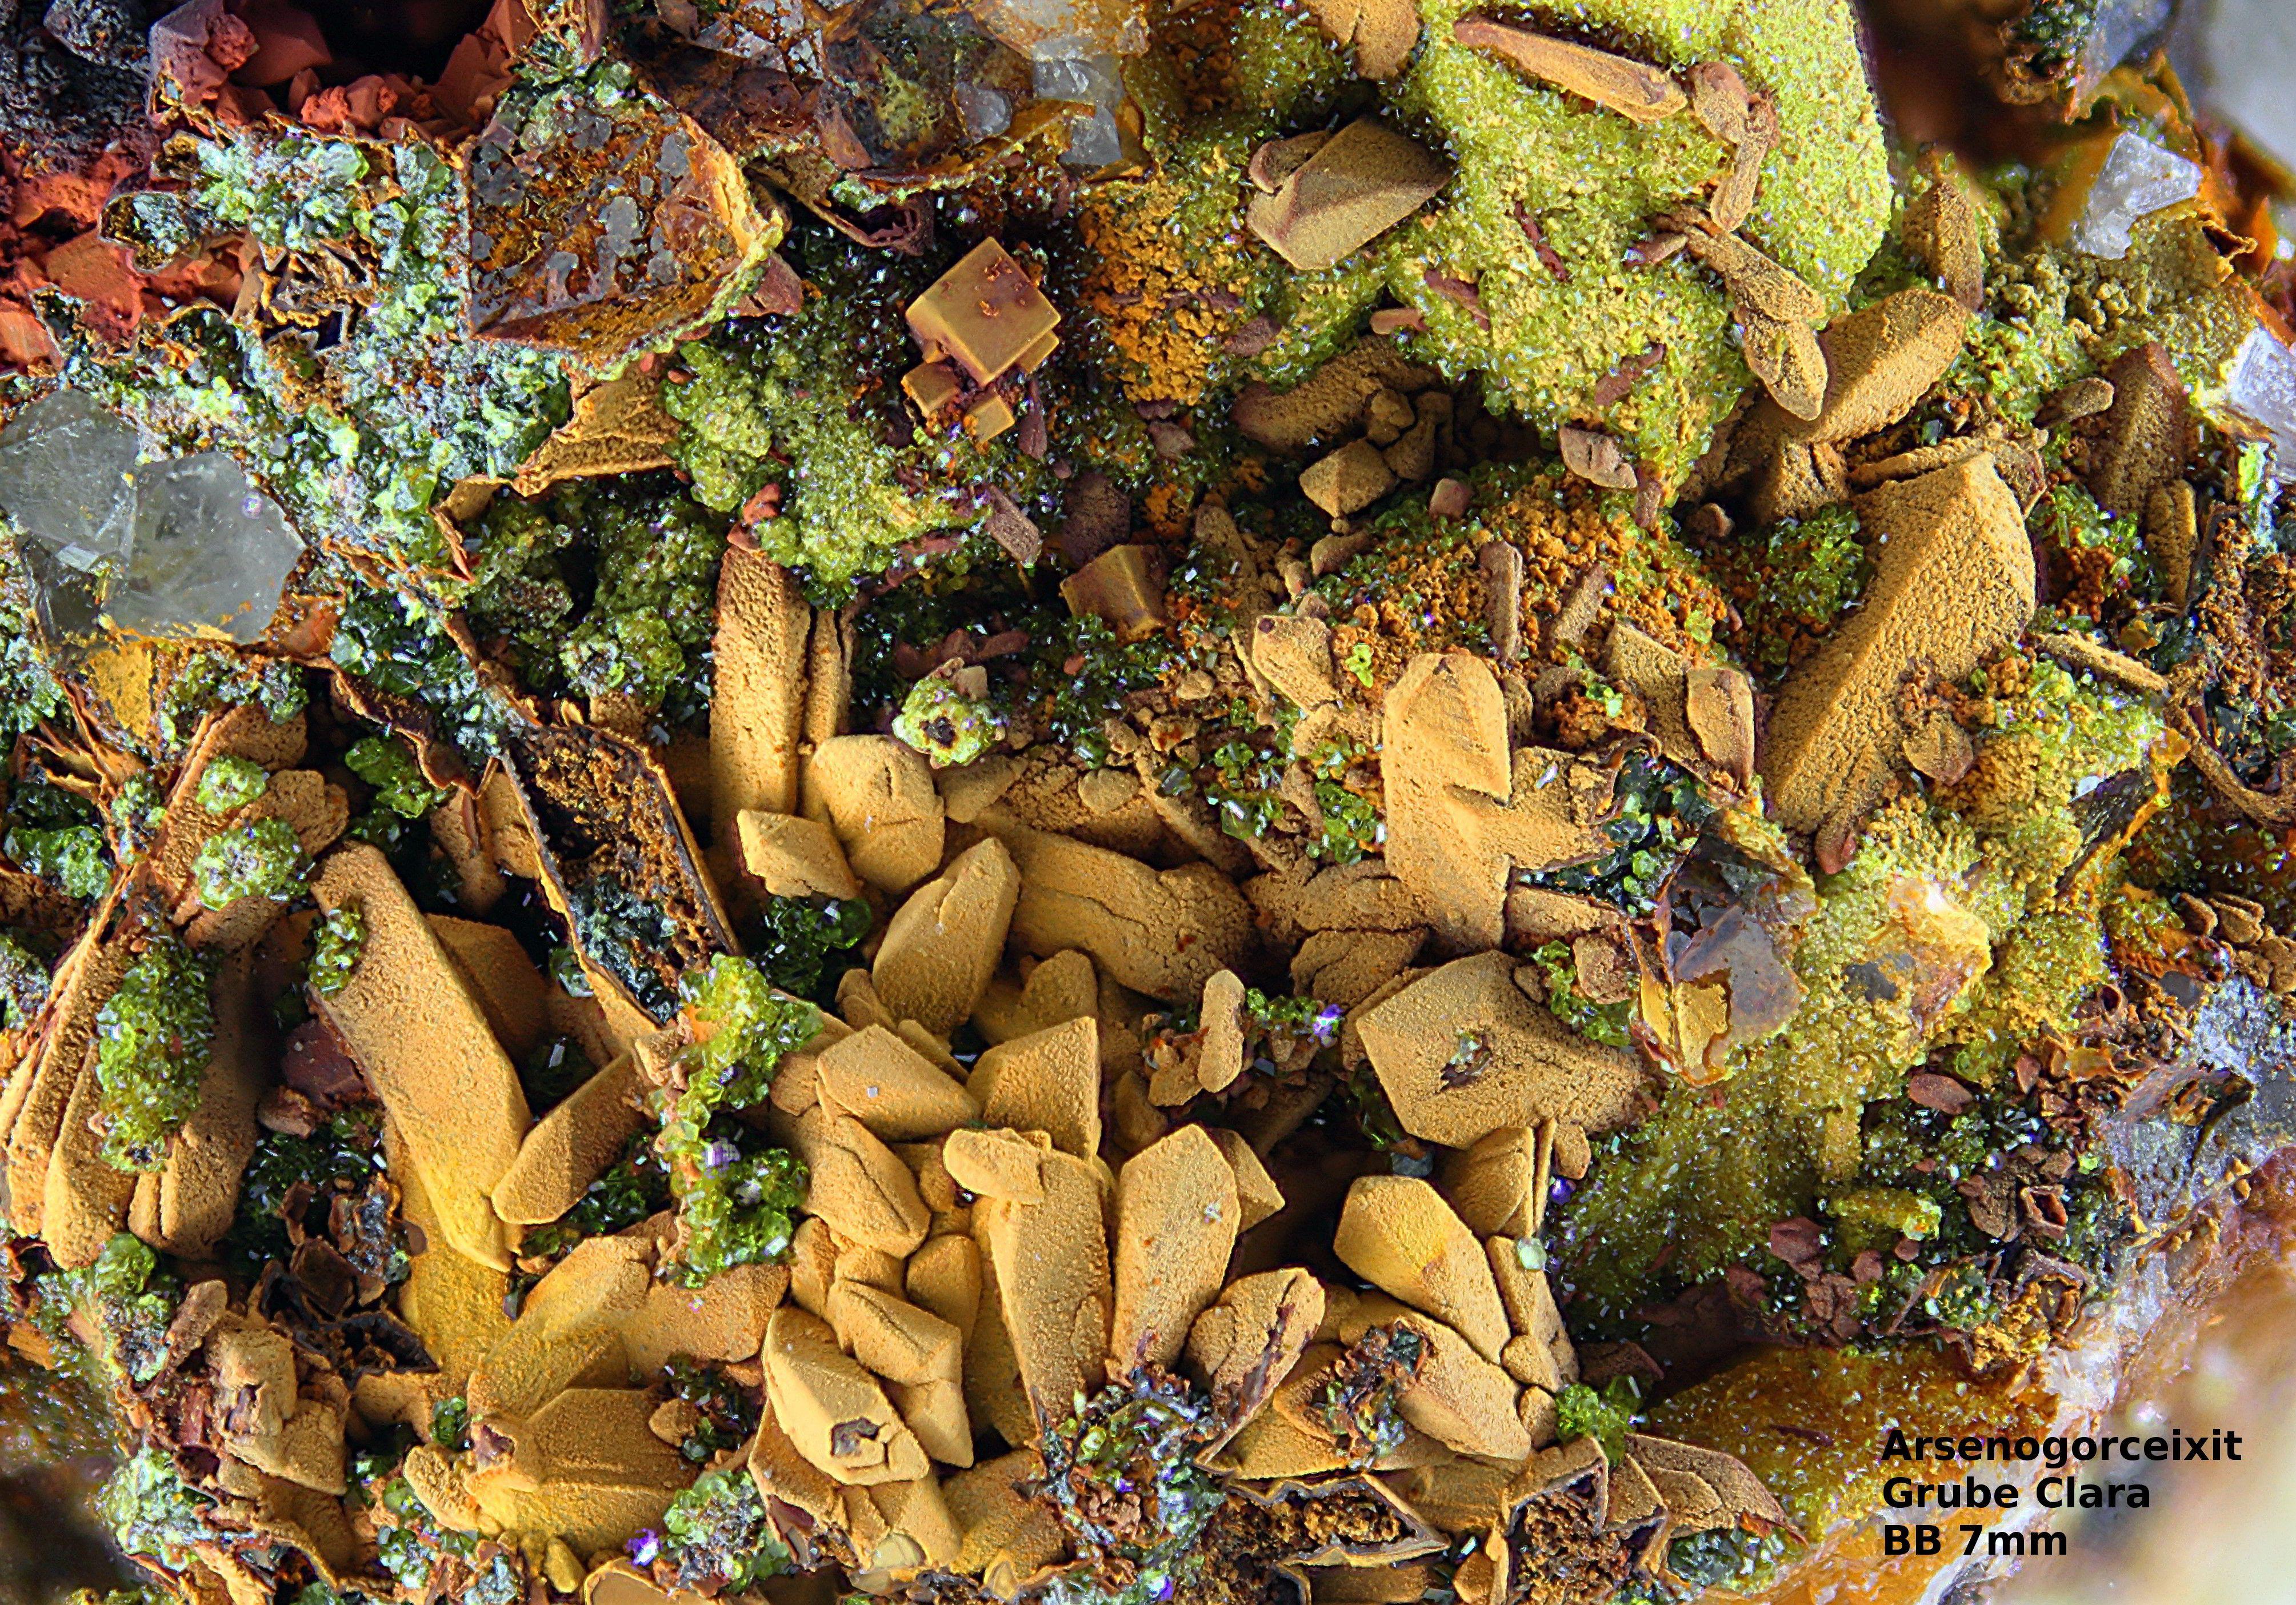 Arsenogoreixit    Clara Mine, Rankach valley, Oberwolfach, Wolfach, Black Forest, Baden-Württemberg, Germany Copyright © Stoya